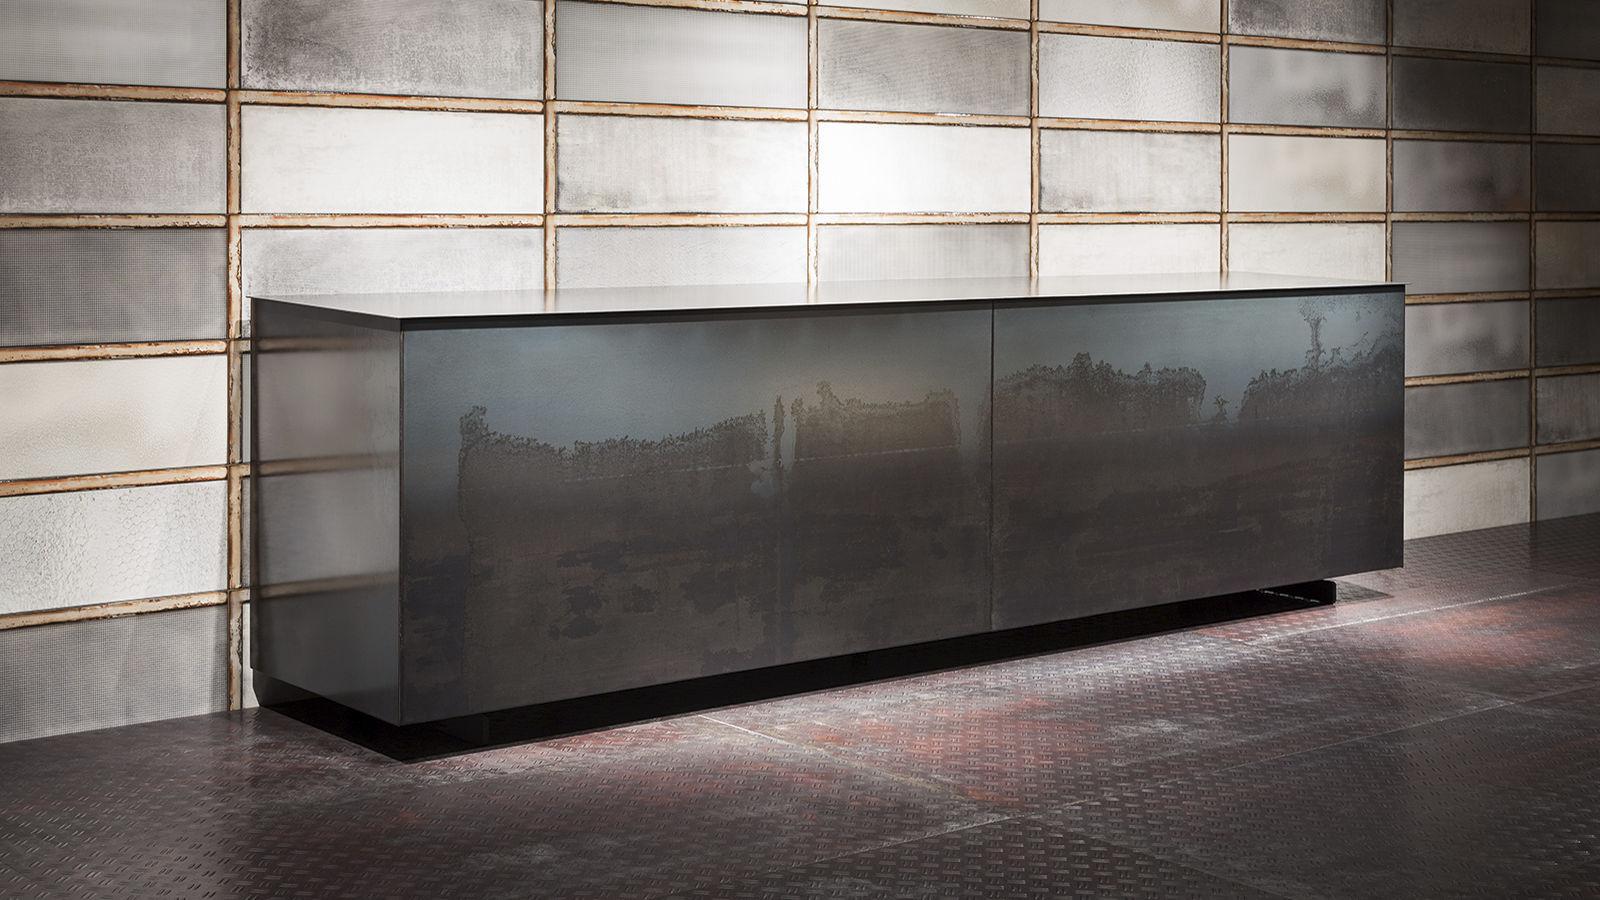 Bezaubernd Sideboard 180 Galerie Von Contemporary / Laminate / White / Black